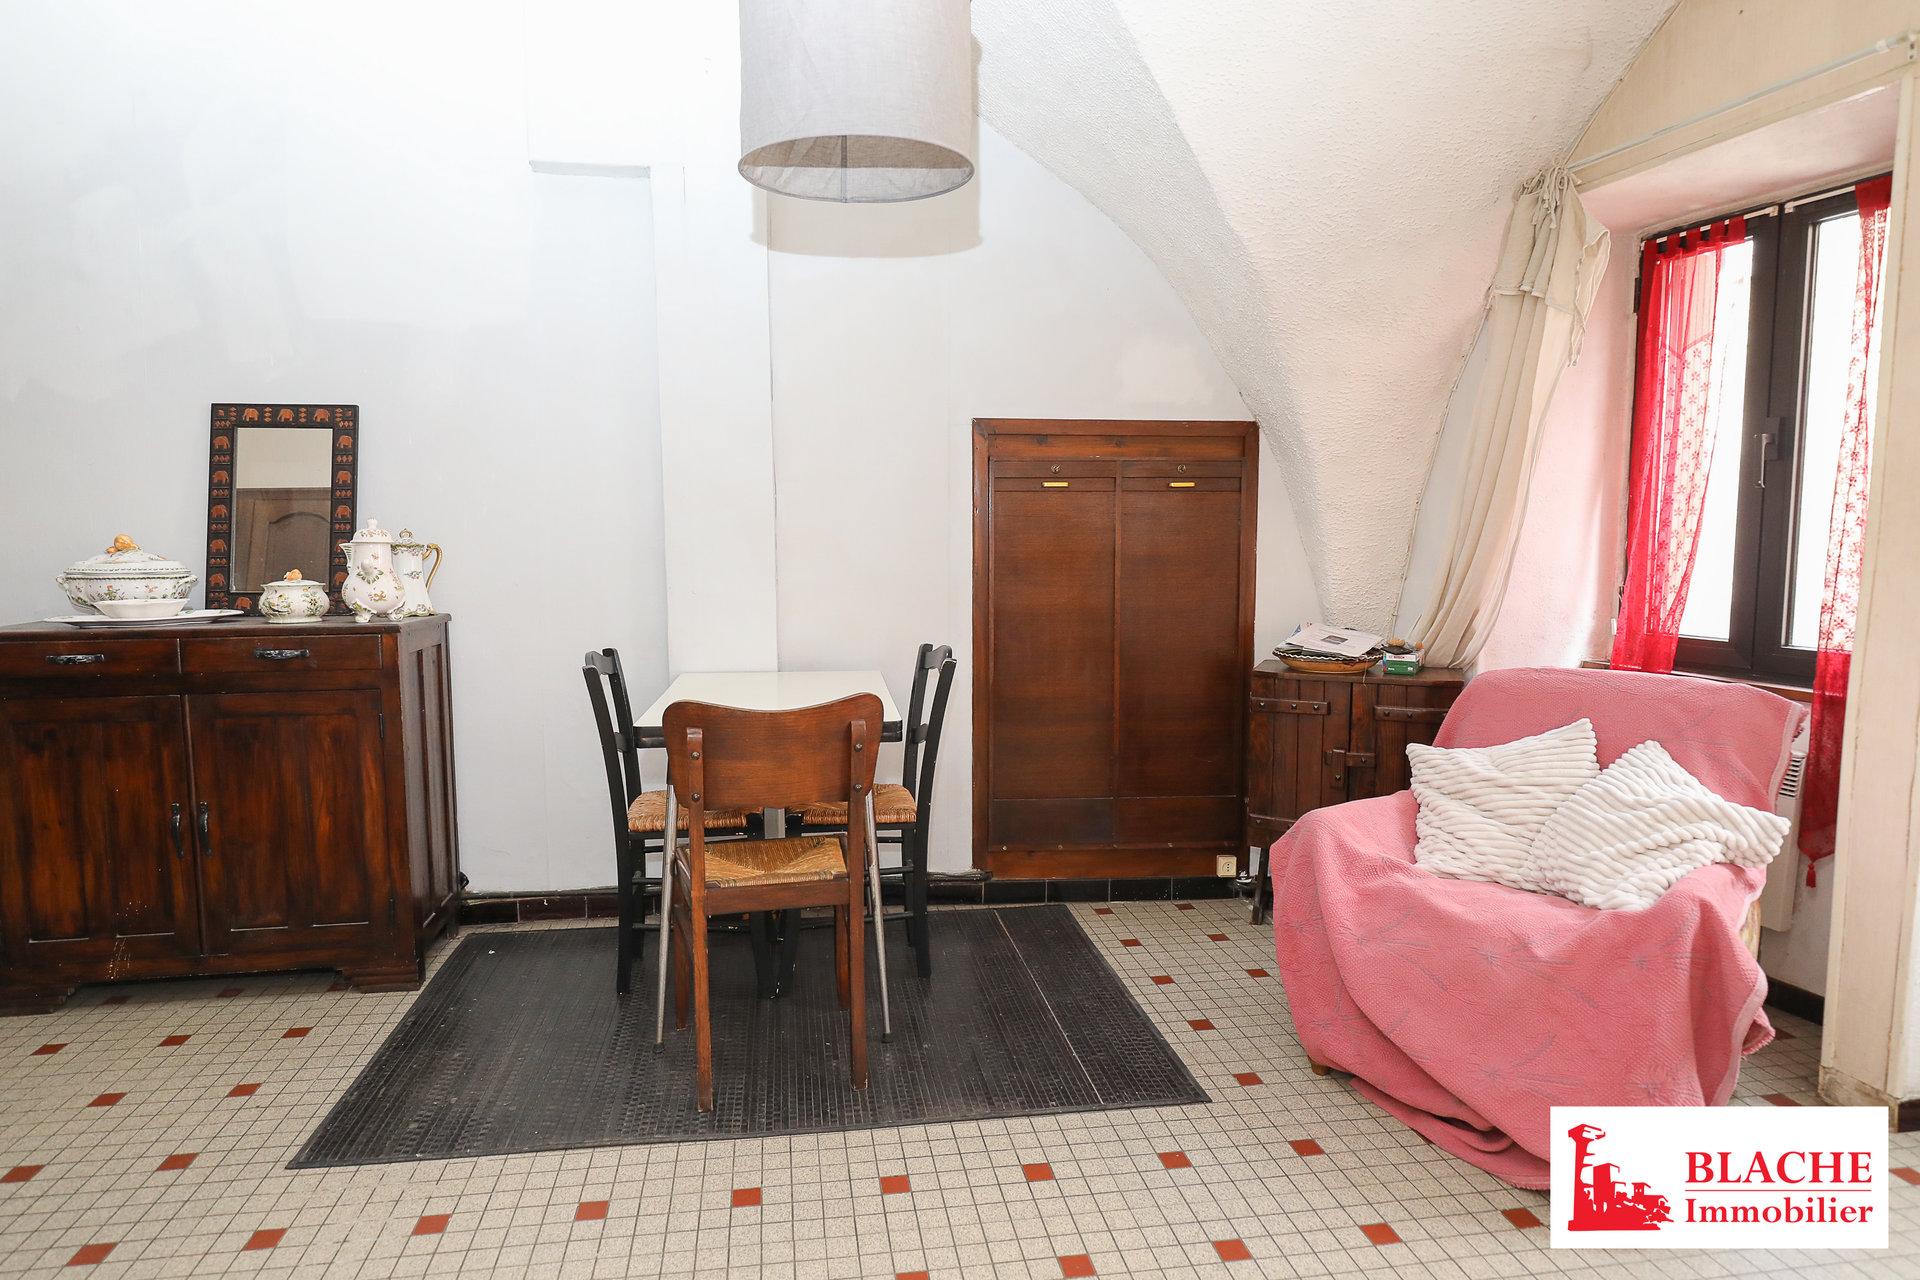 Vente Maison de village - Baix